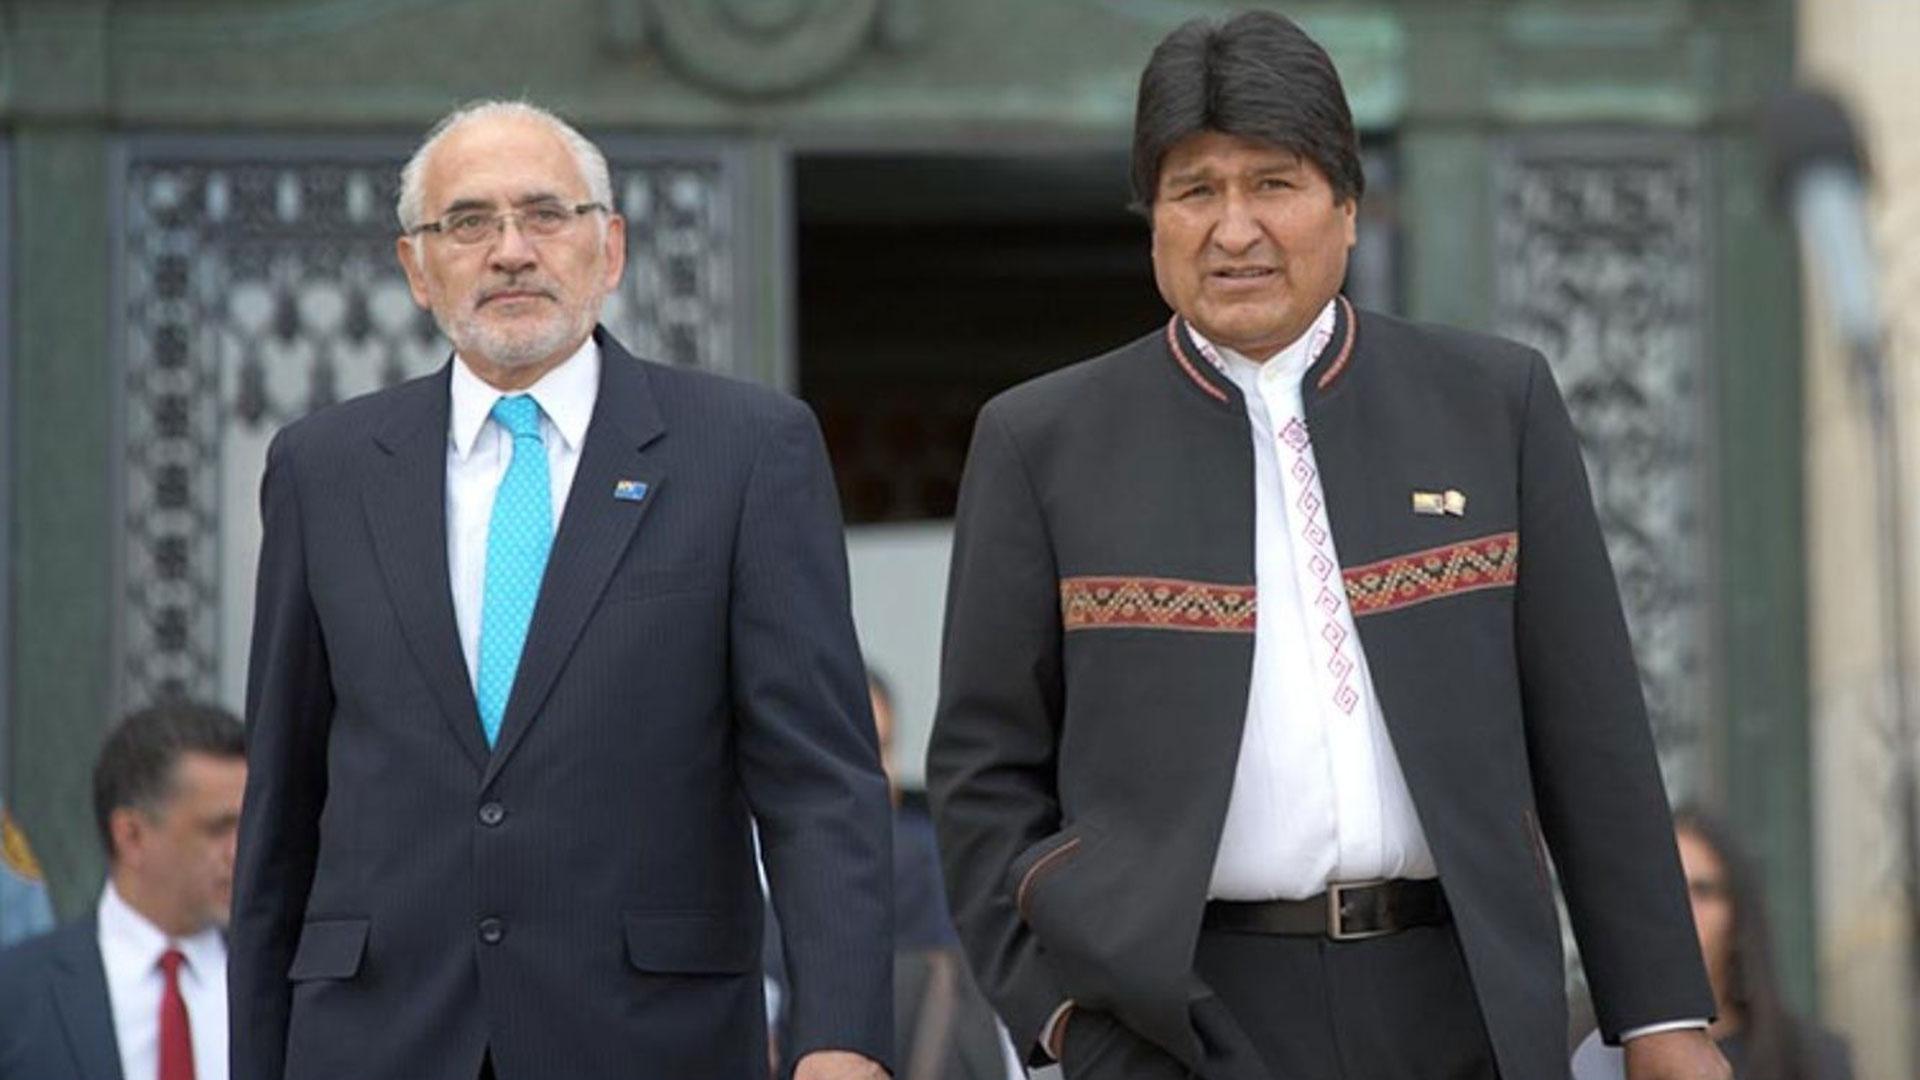 Elecciones en Bolivia: Todo apunta a una segunda vuelta entre Evo Morales y Carlos Mesa